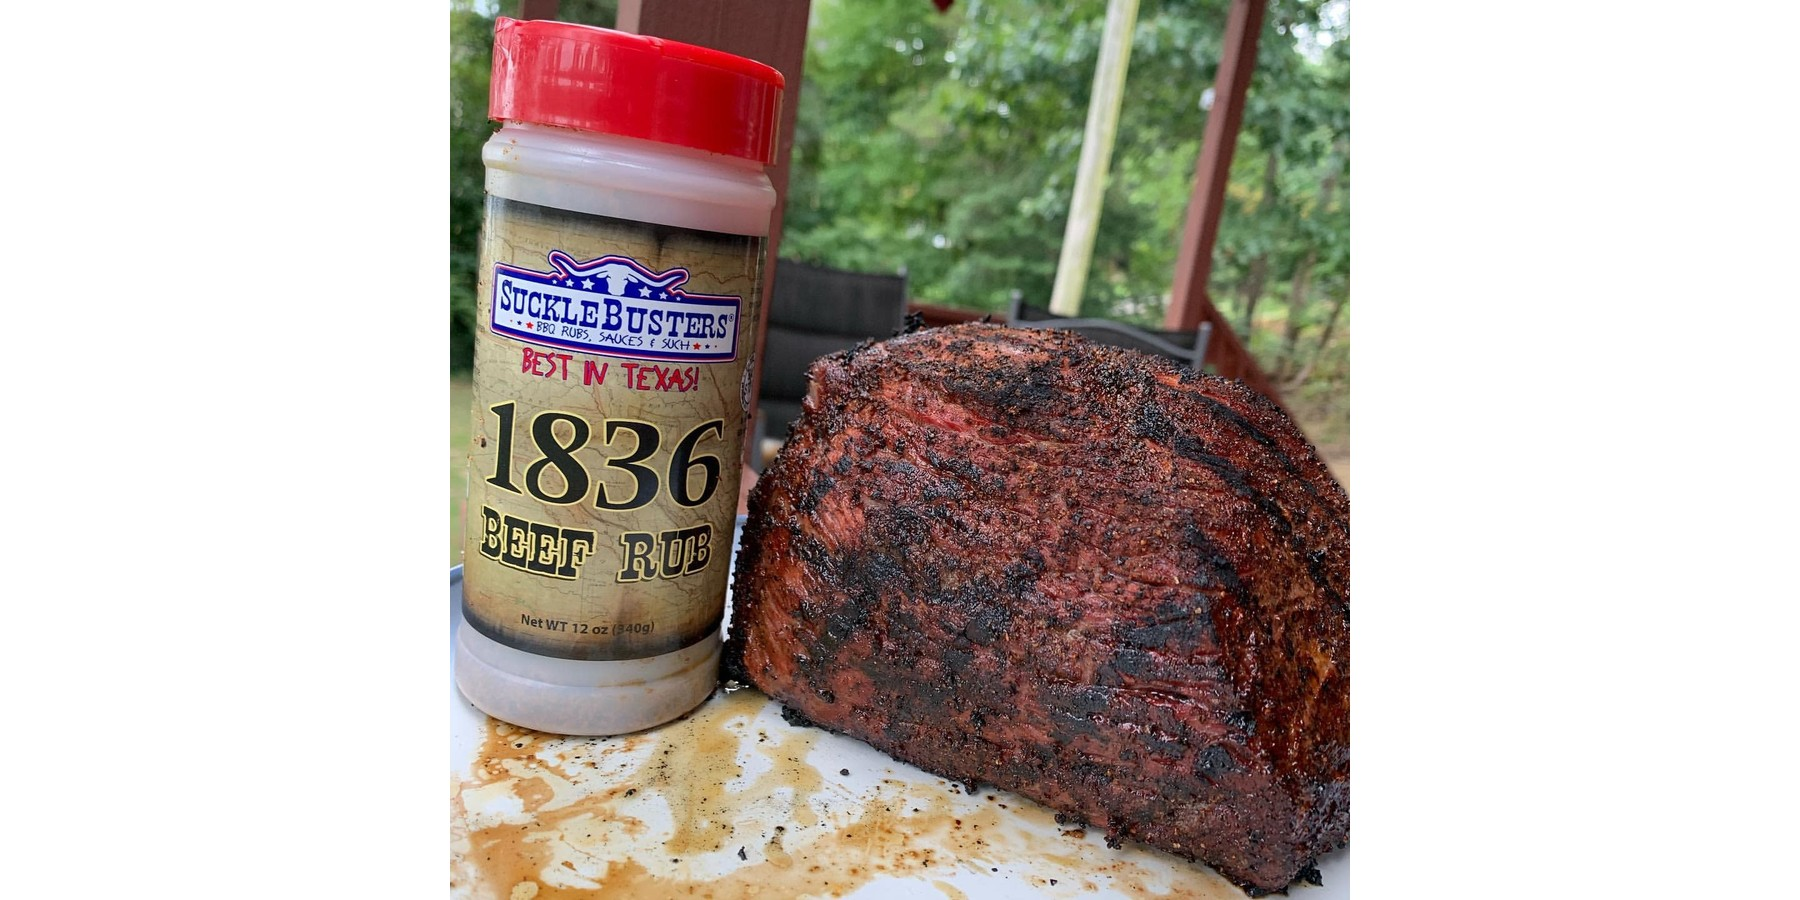 1836 Beef en Steak rub